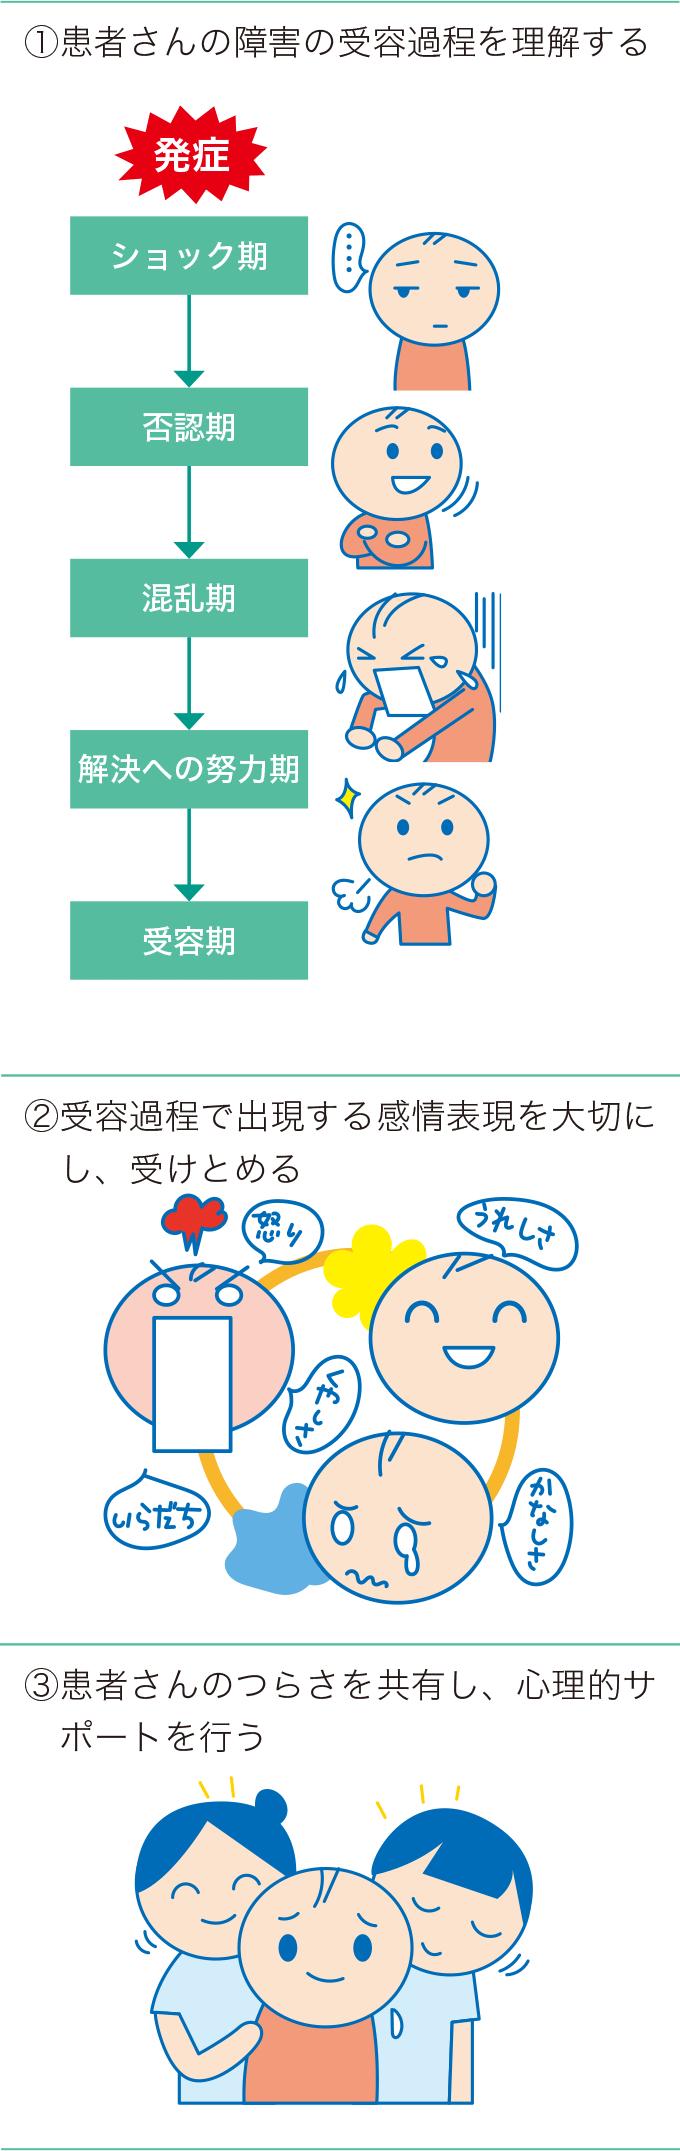 図6:障害の受容過程と看護のポイント